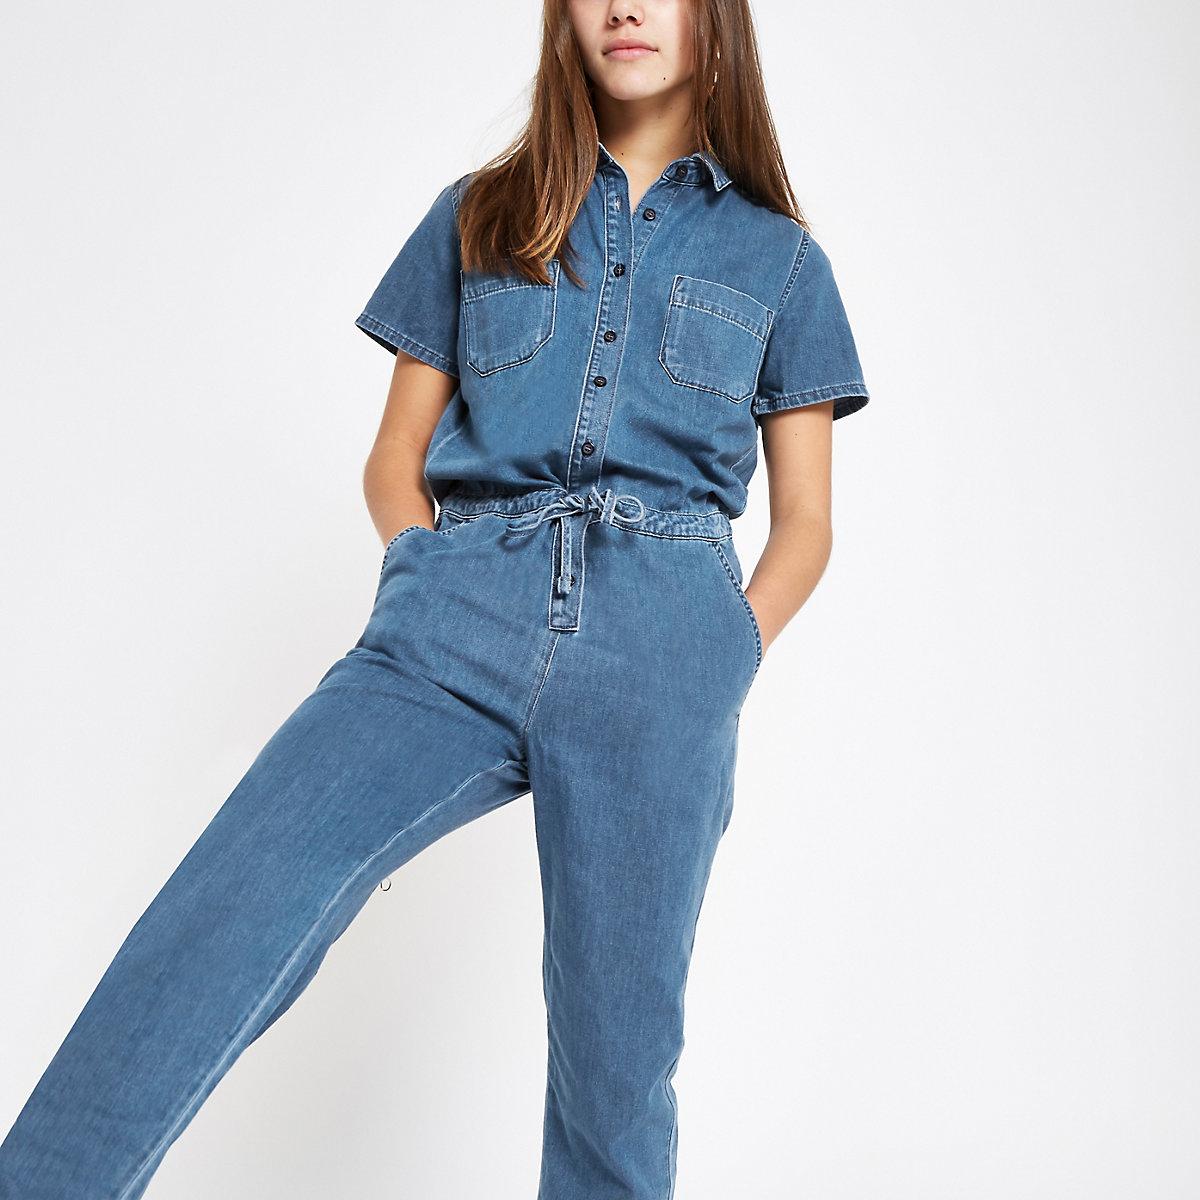 7d05b698a48 Petite blue utility denim jumpsuit - Jumpsuits - Playsuits   Jumpsuits -  women